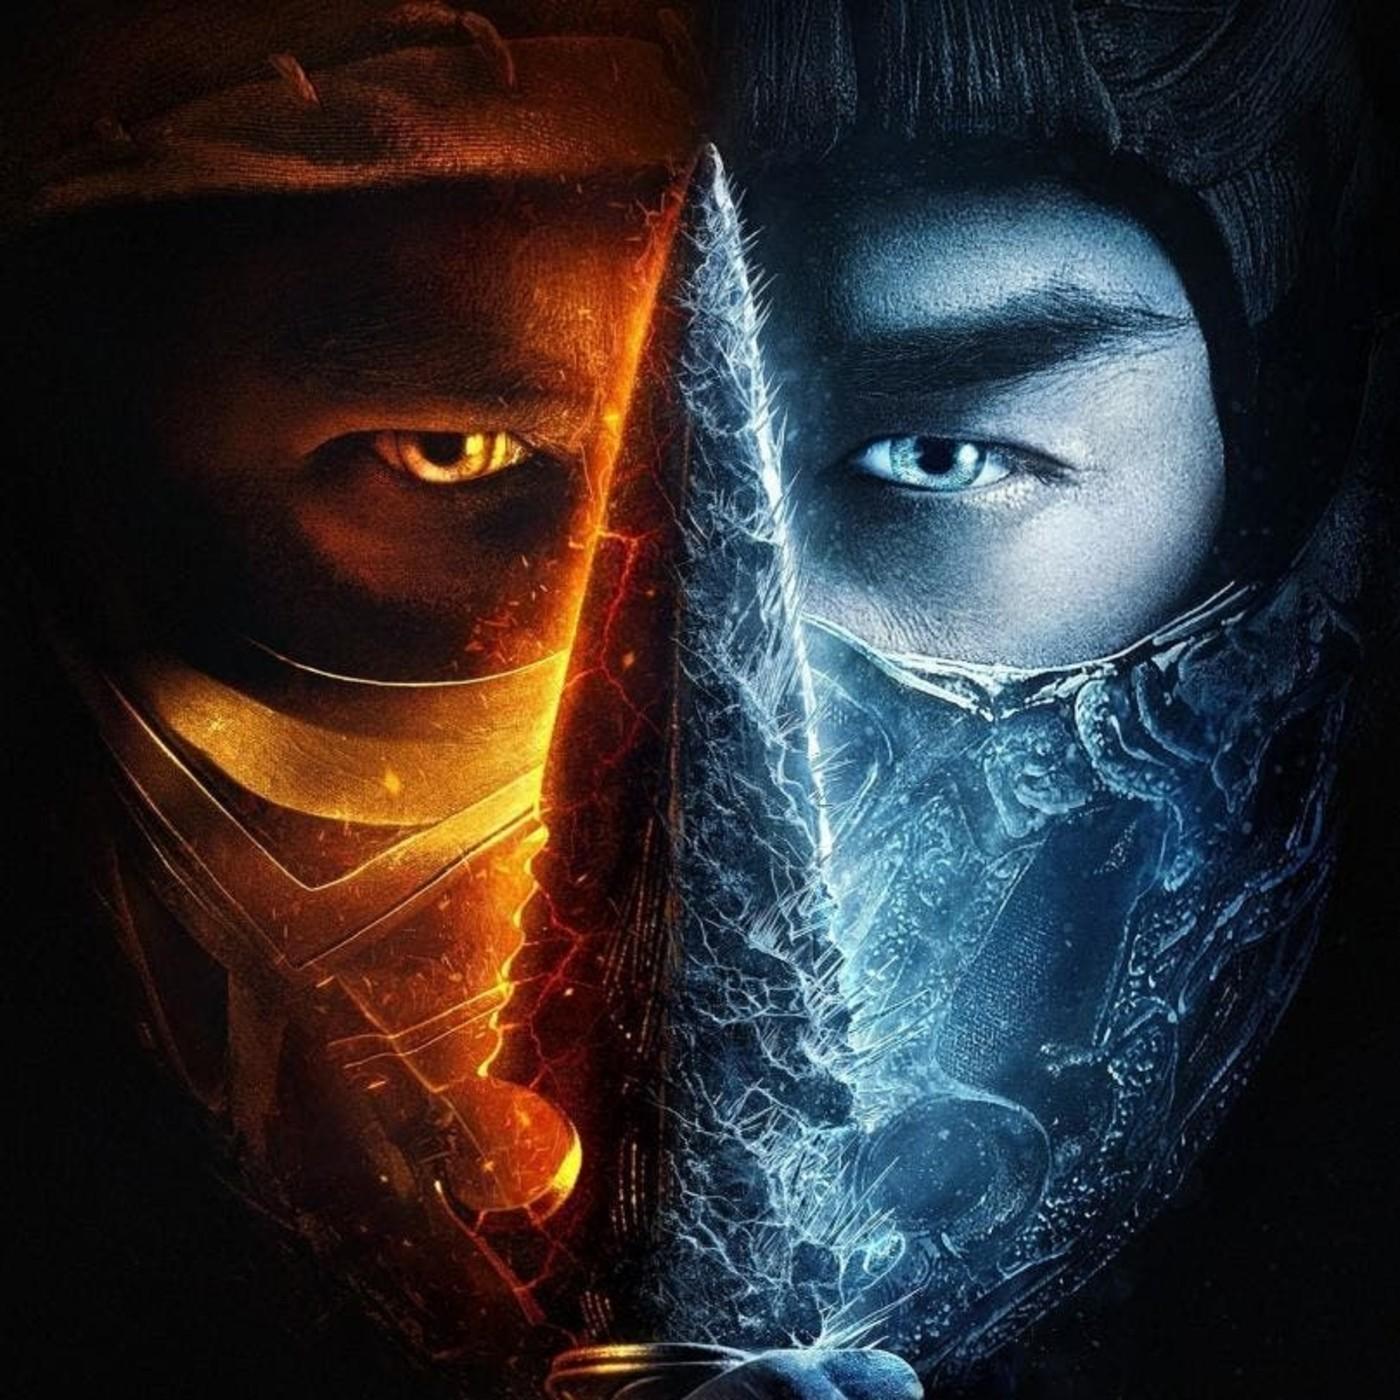 Rtfm 4x04 : Mortal Kombat + Train to Busan 2